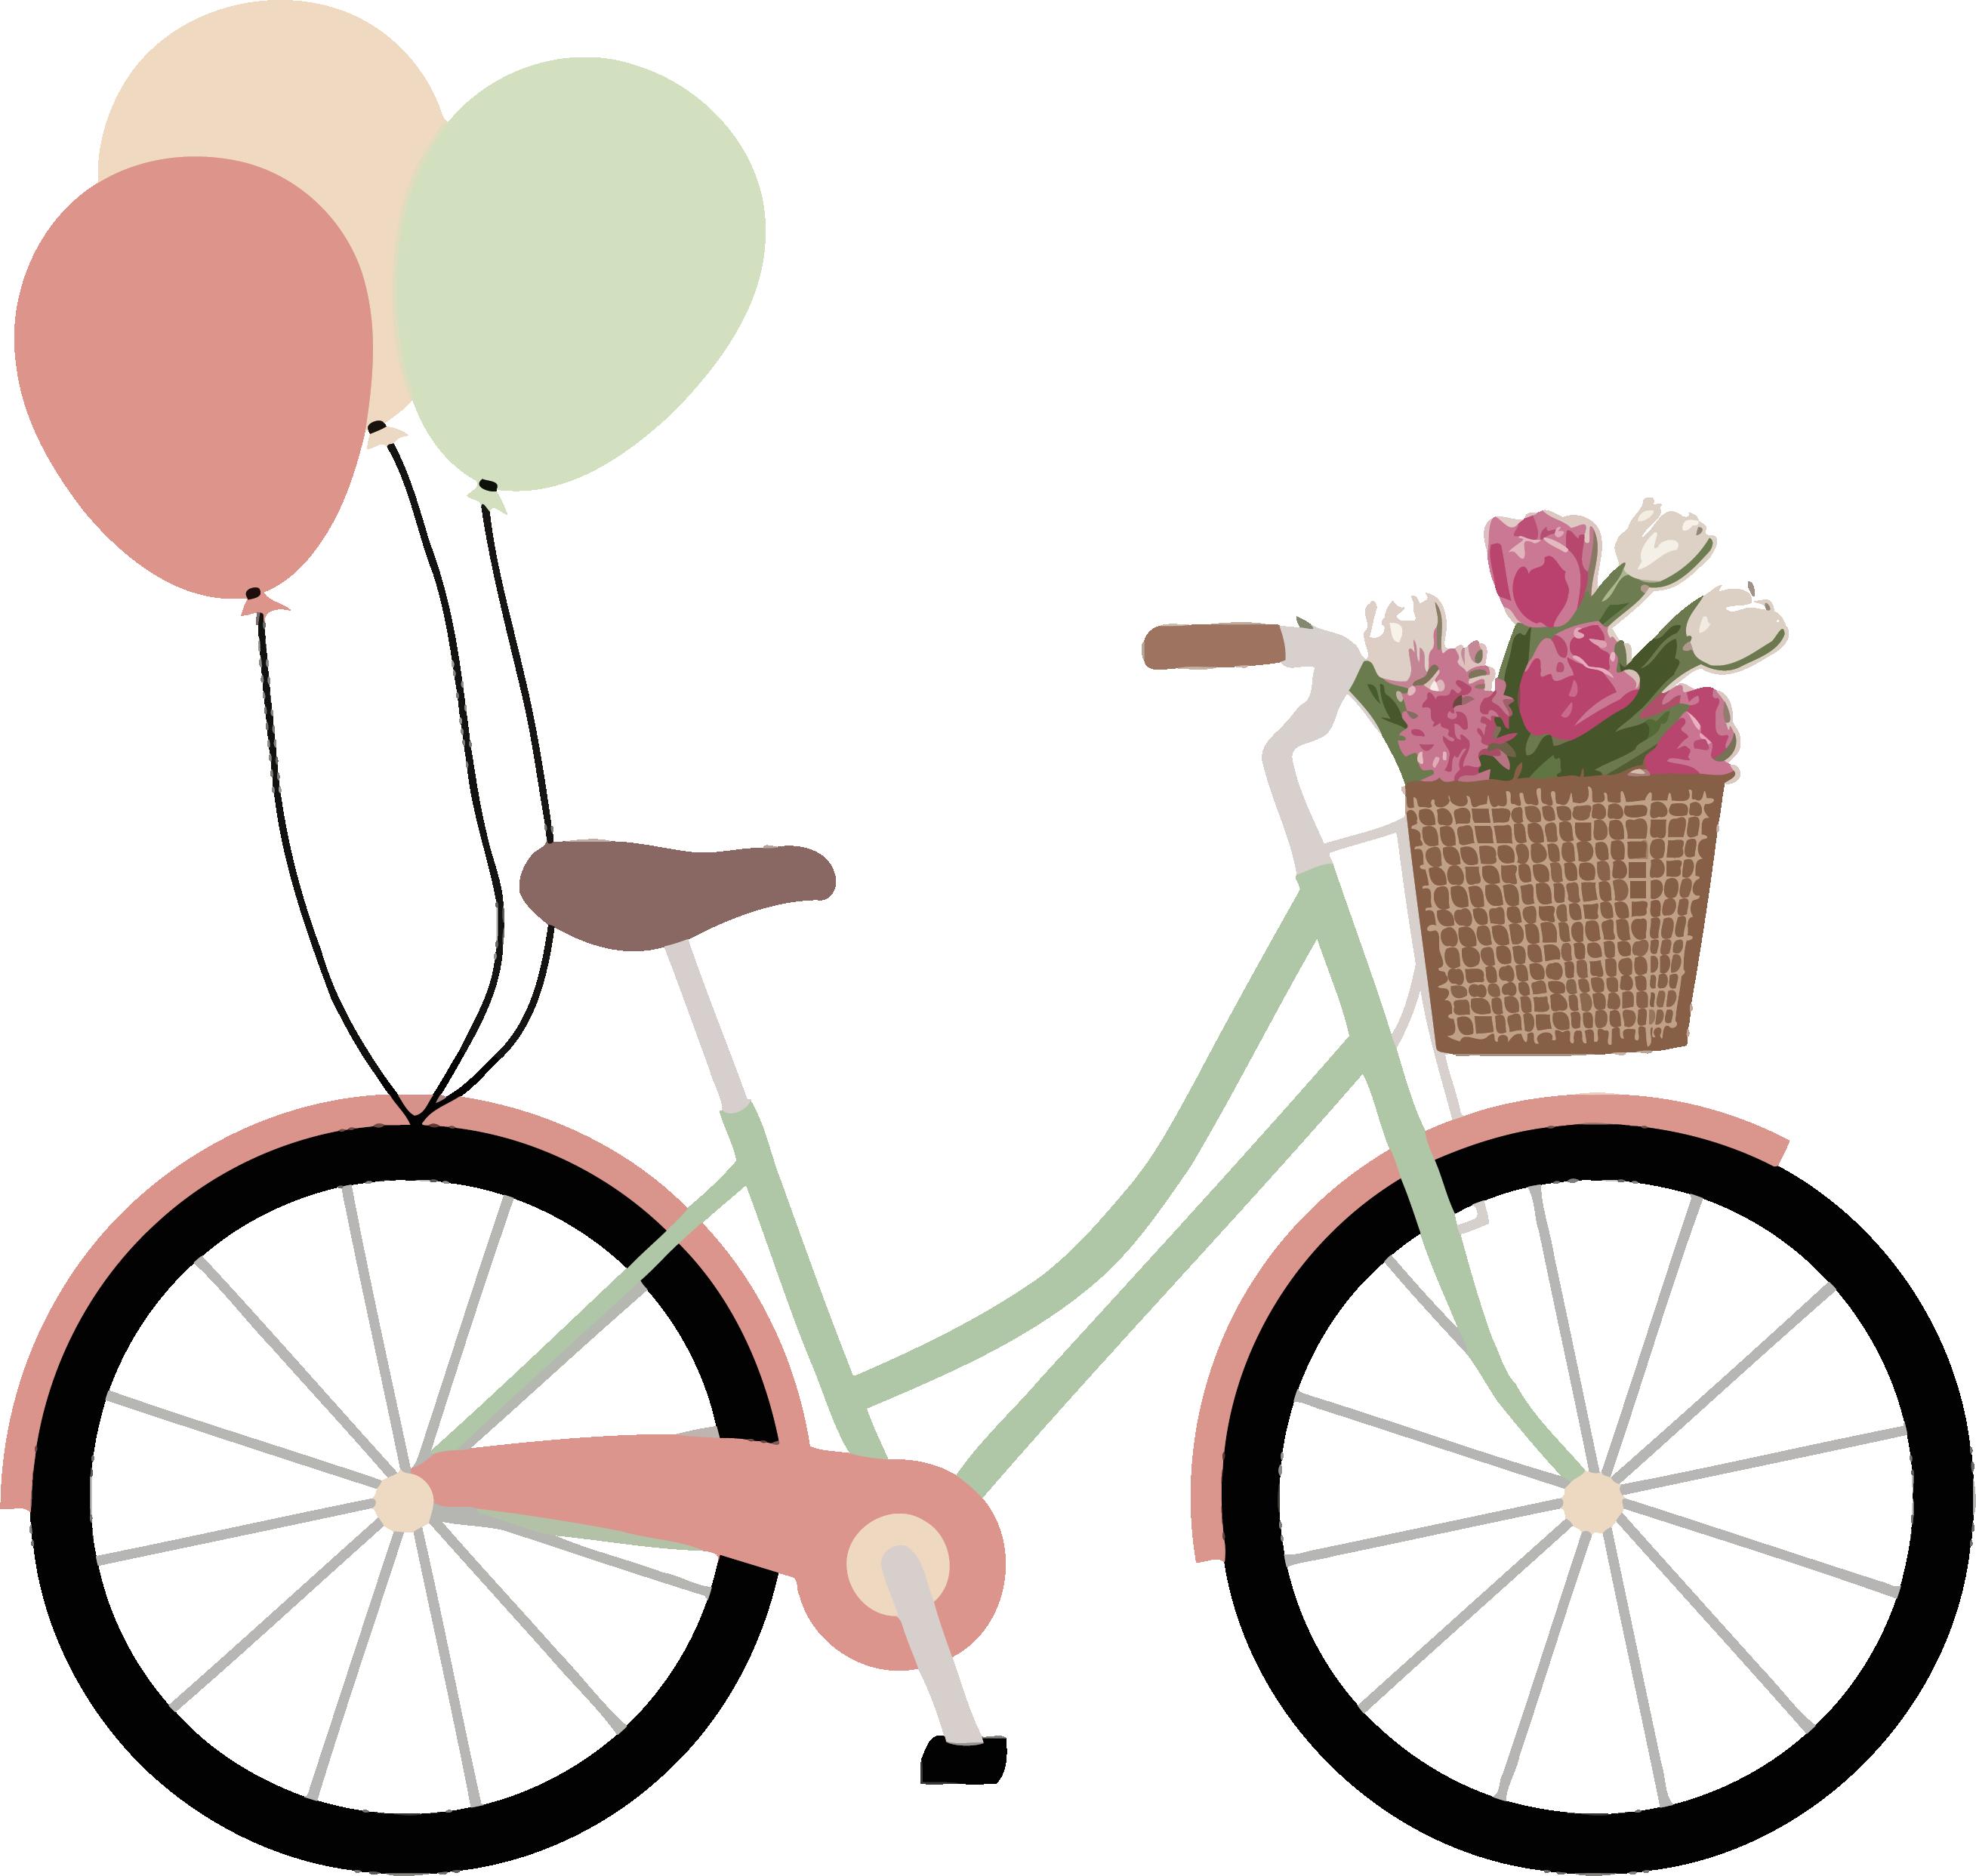 Bicicleta con globos